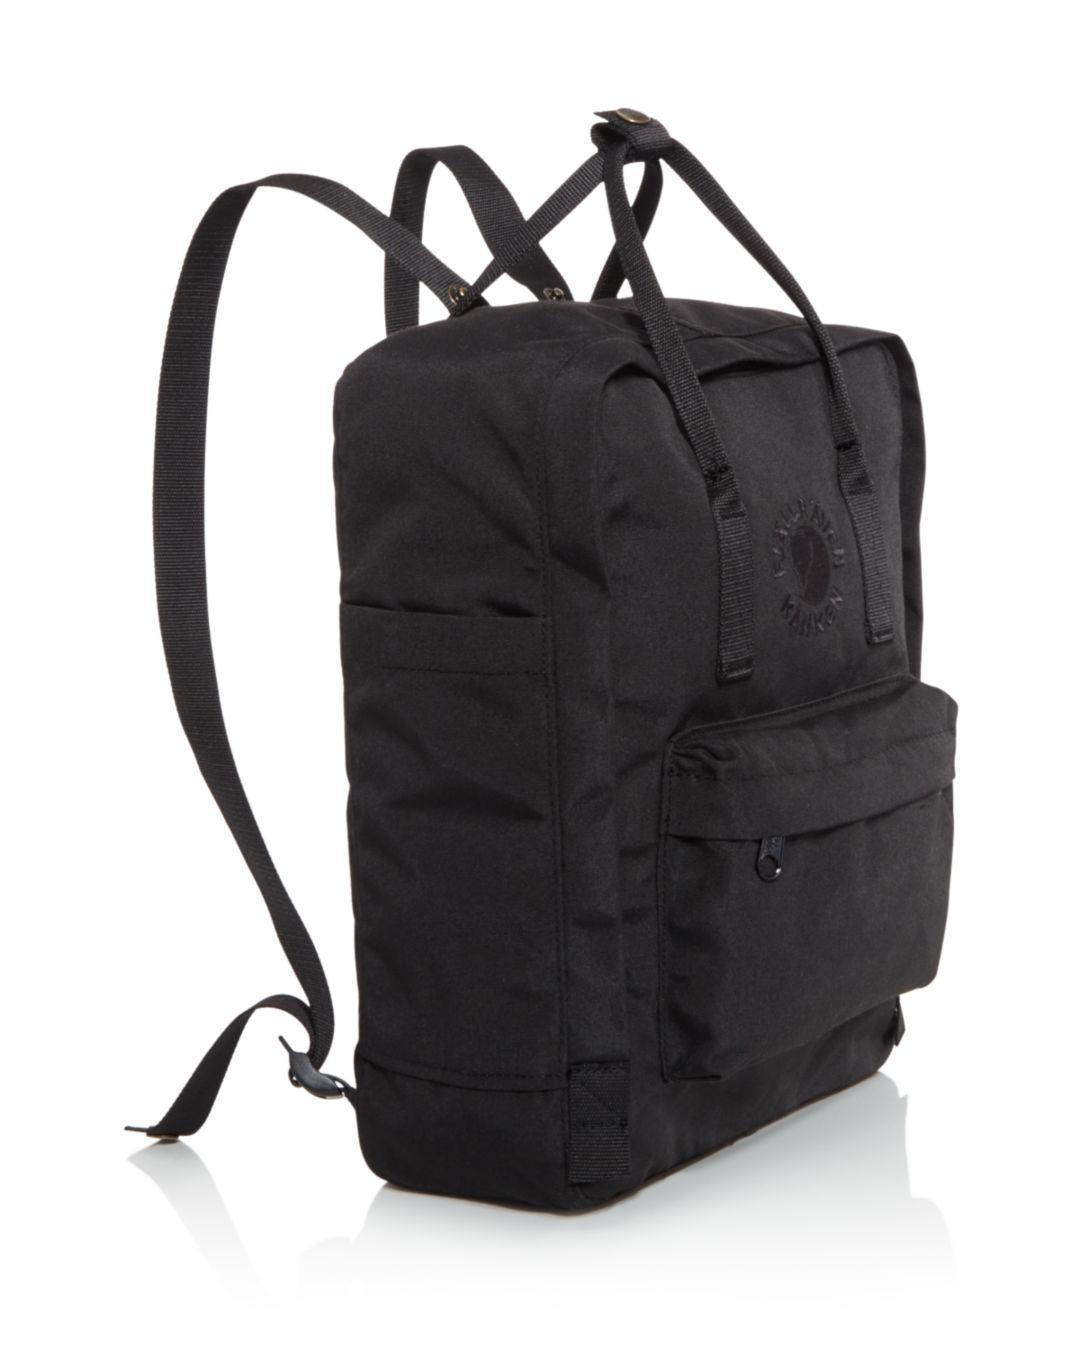 68f672d6277d Lyst - Fjallraven Water-resistant Re-kanken Backpack in Black for Men